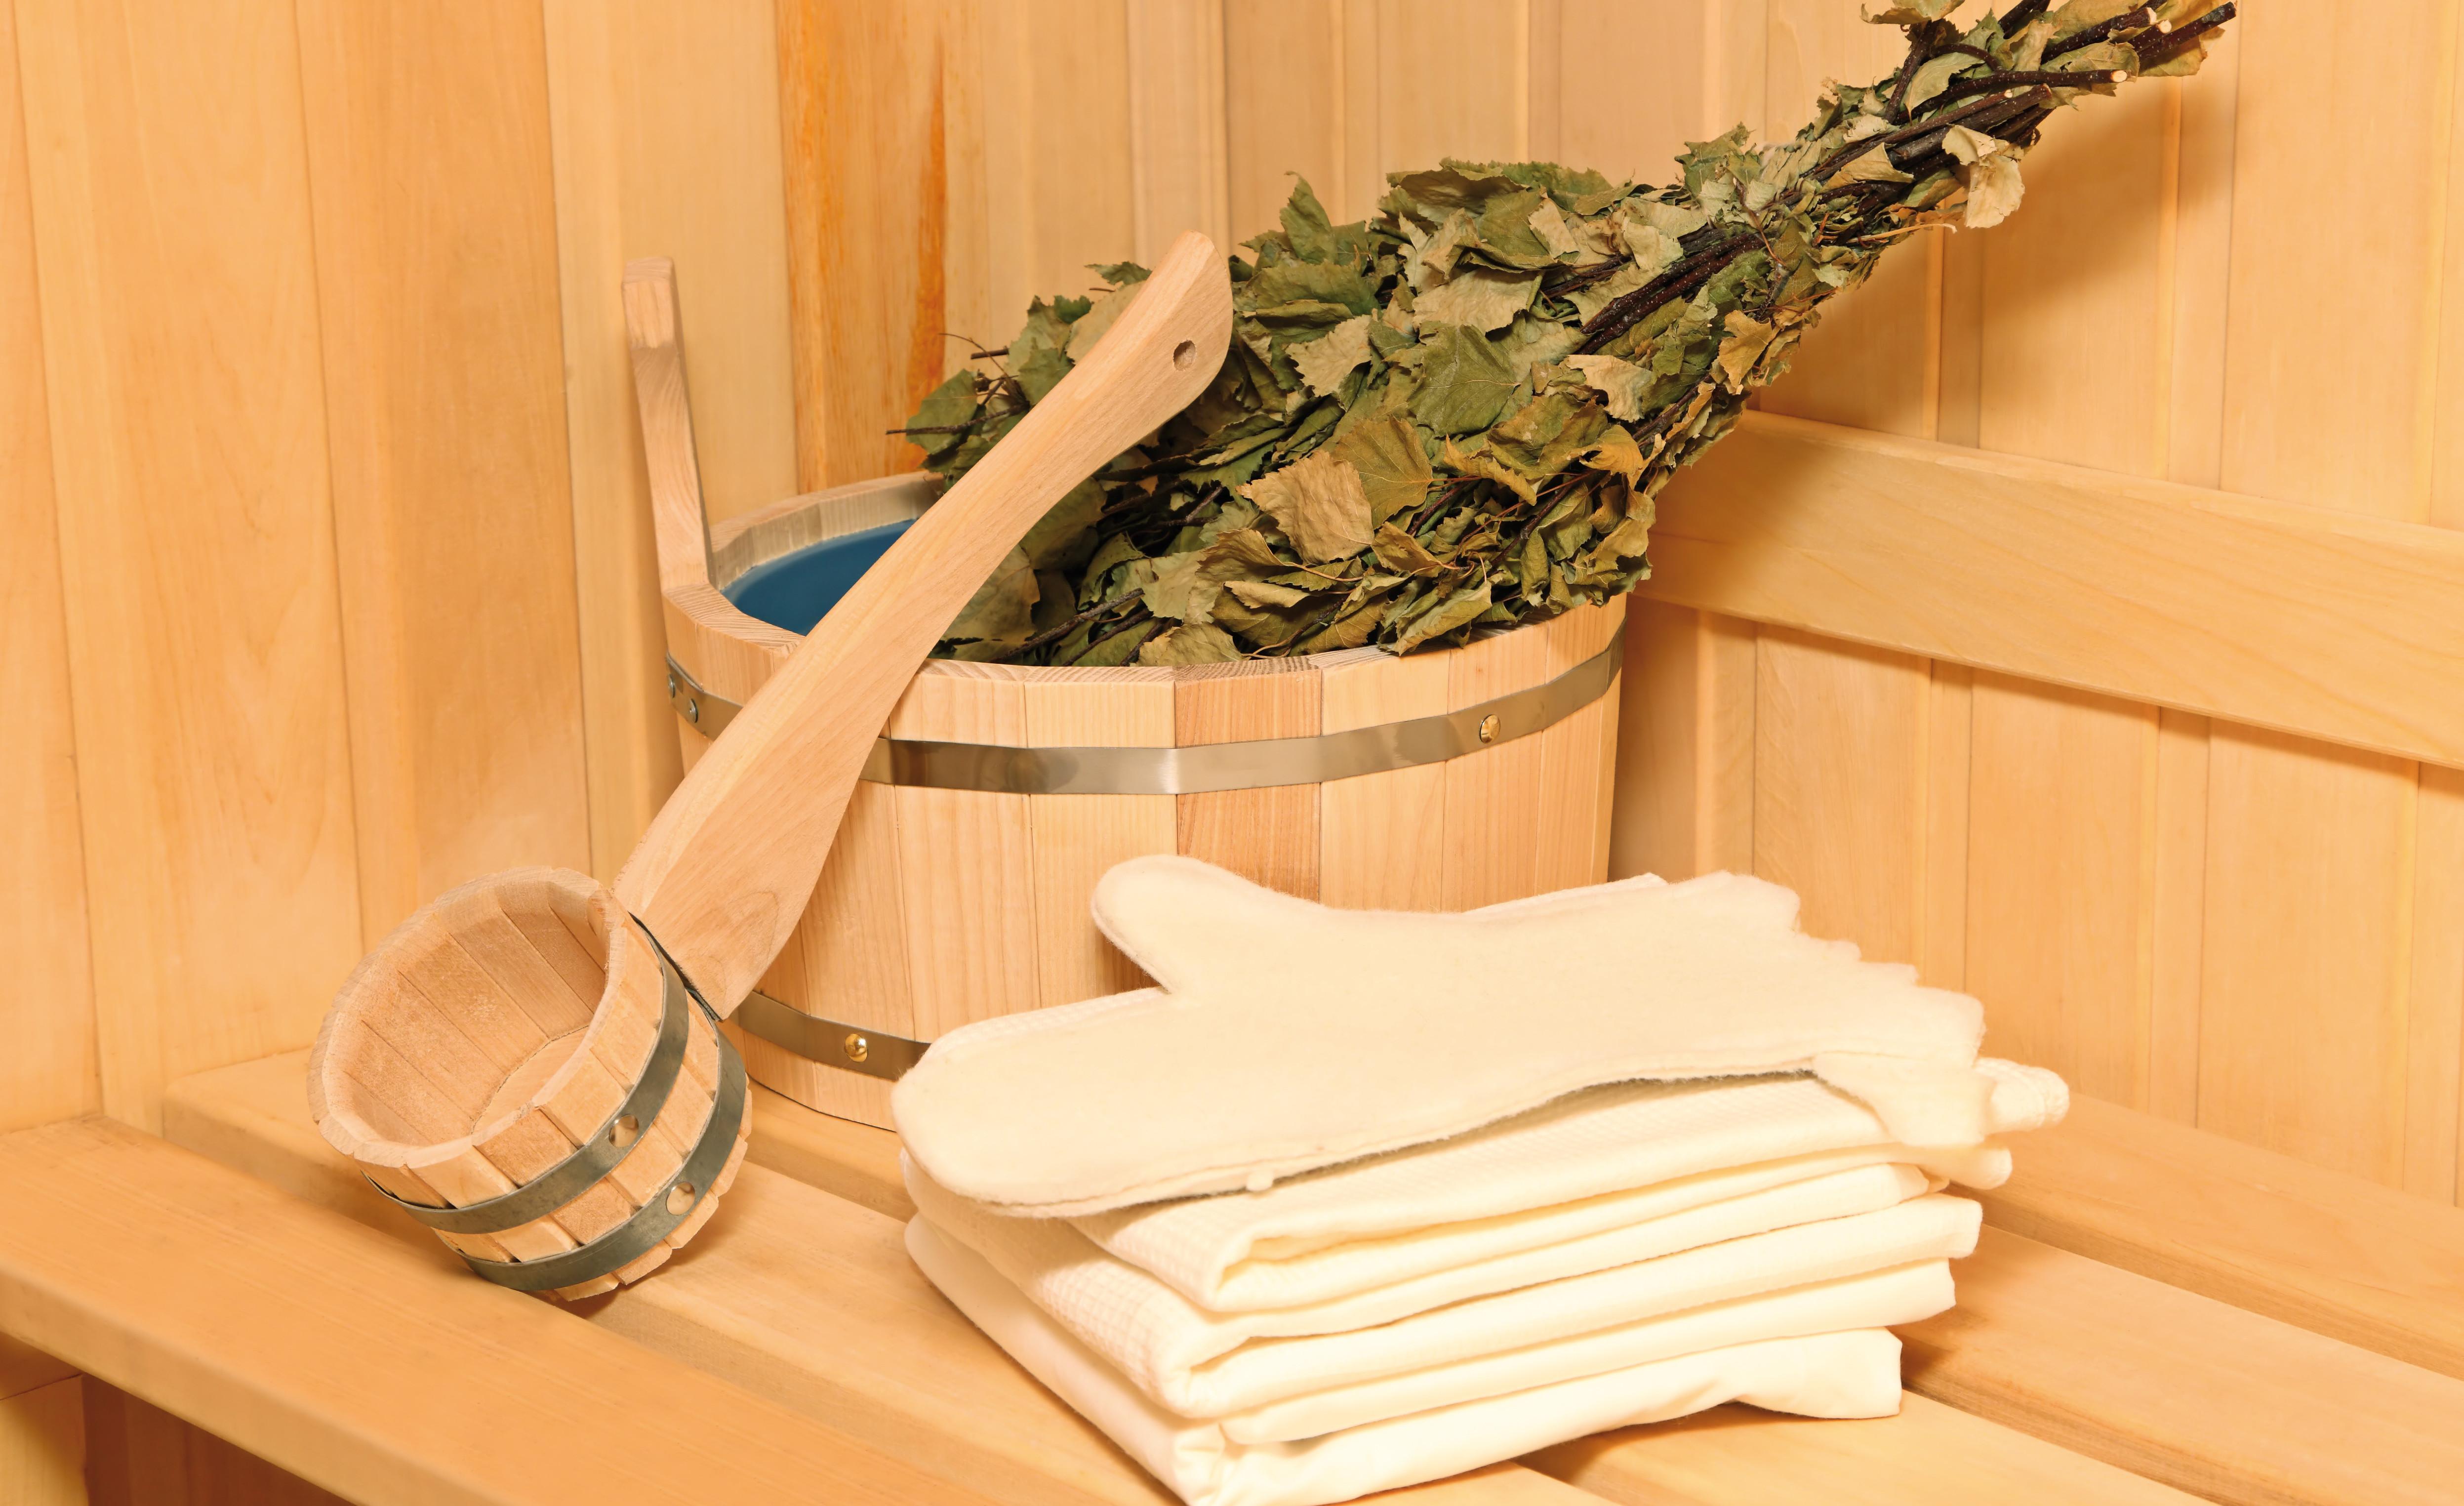 Аксессуары для сауны и бани